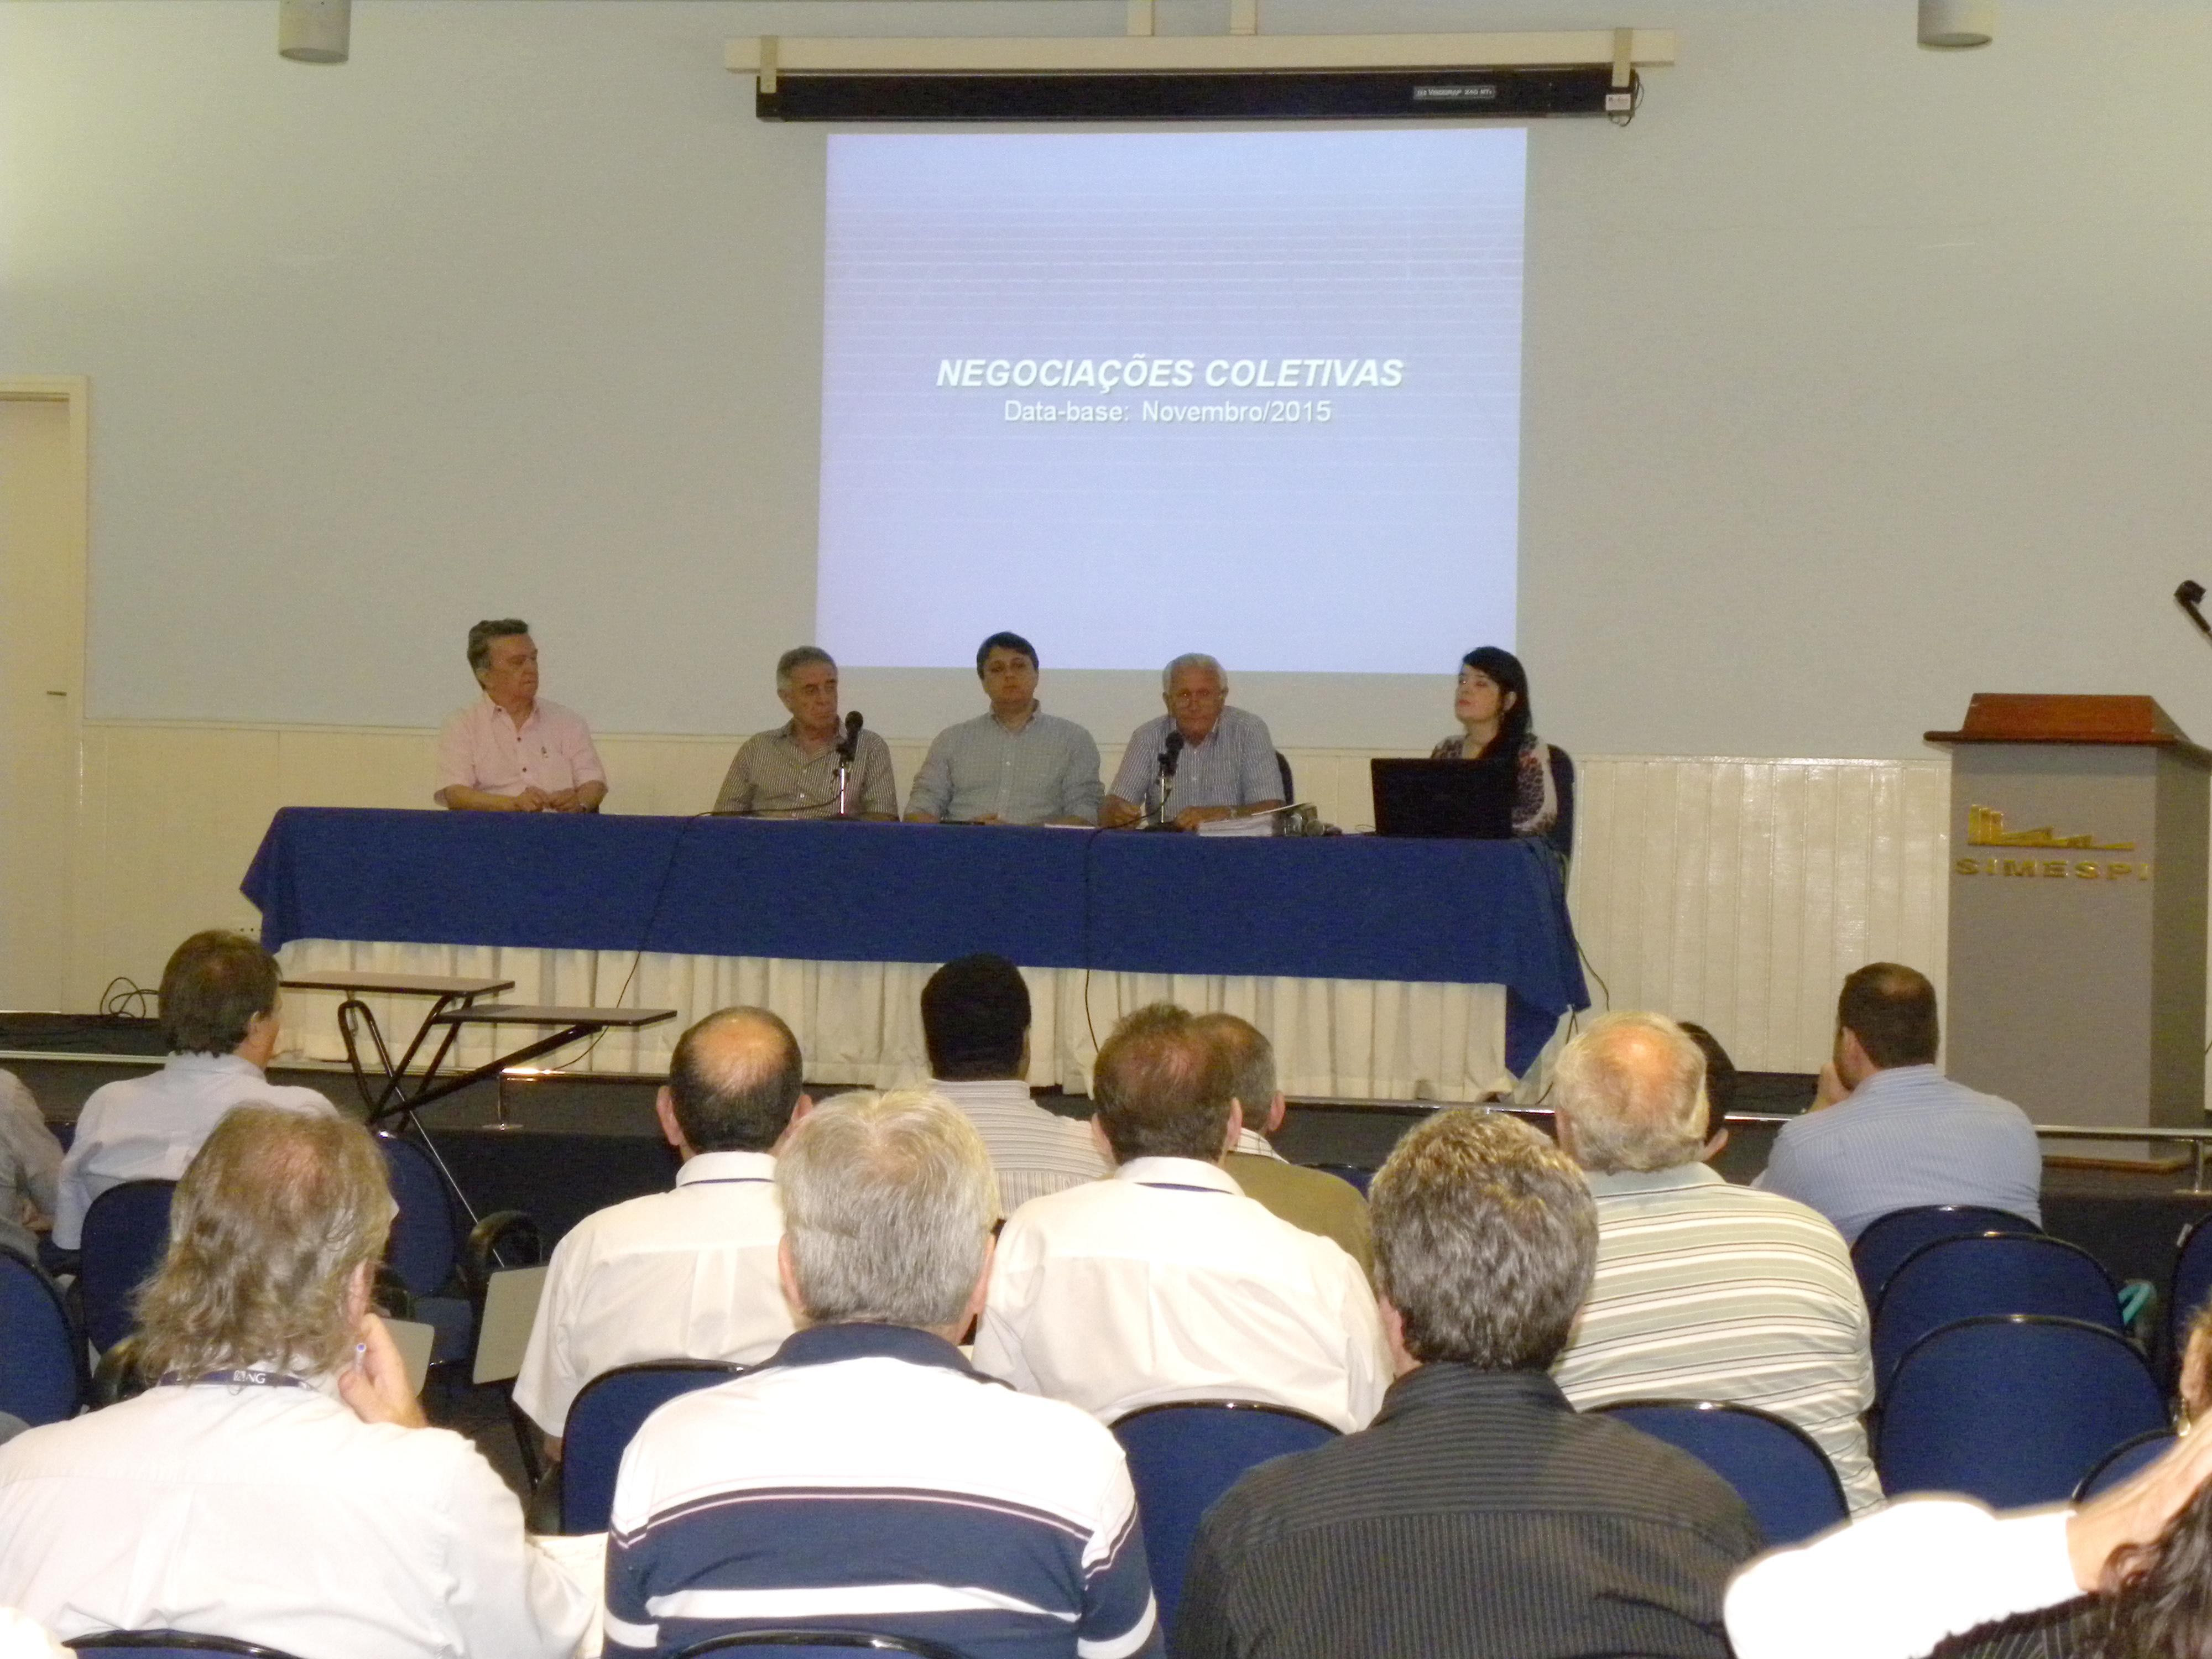 Negociações Coletivas: Simespi reúne empresas associadas em assembleia geral